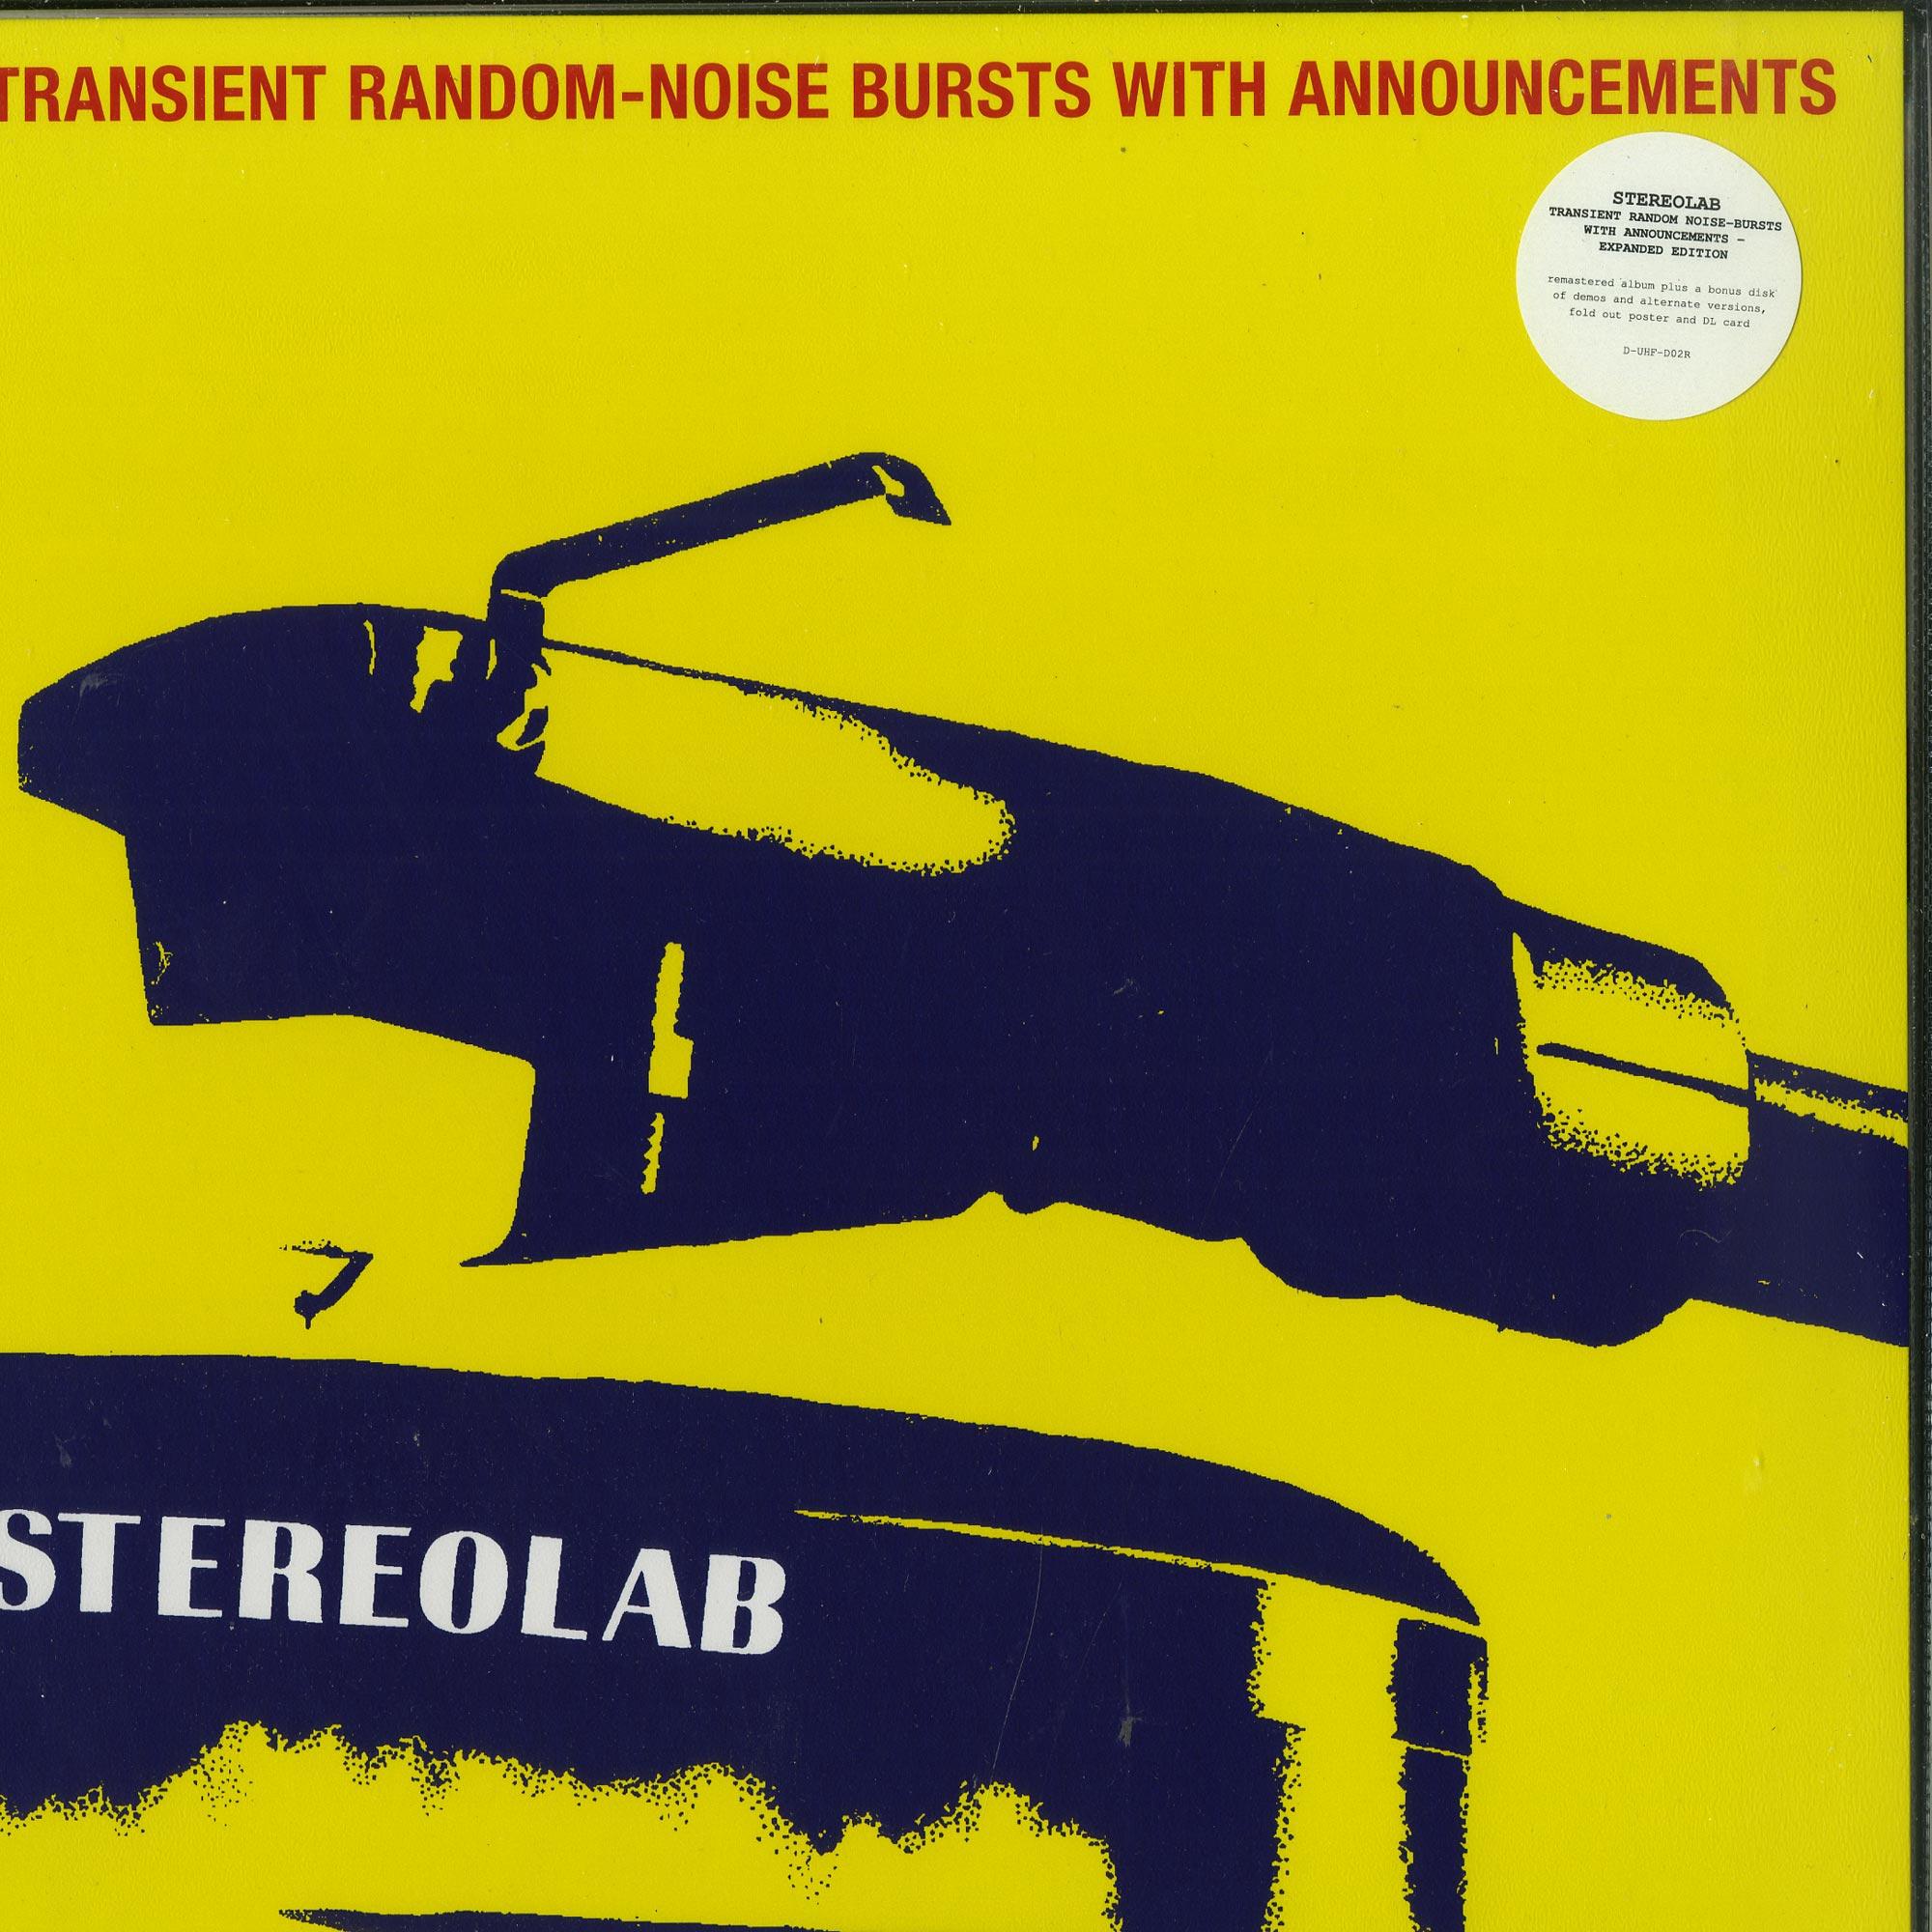 Stereolab - TRANSIENT RANDOM NOISE